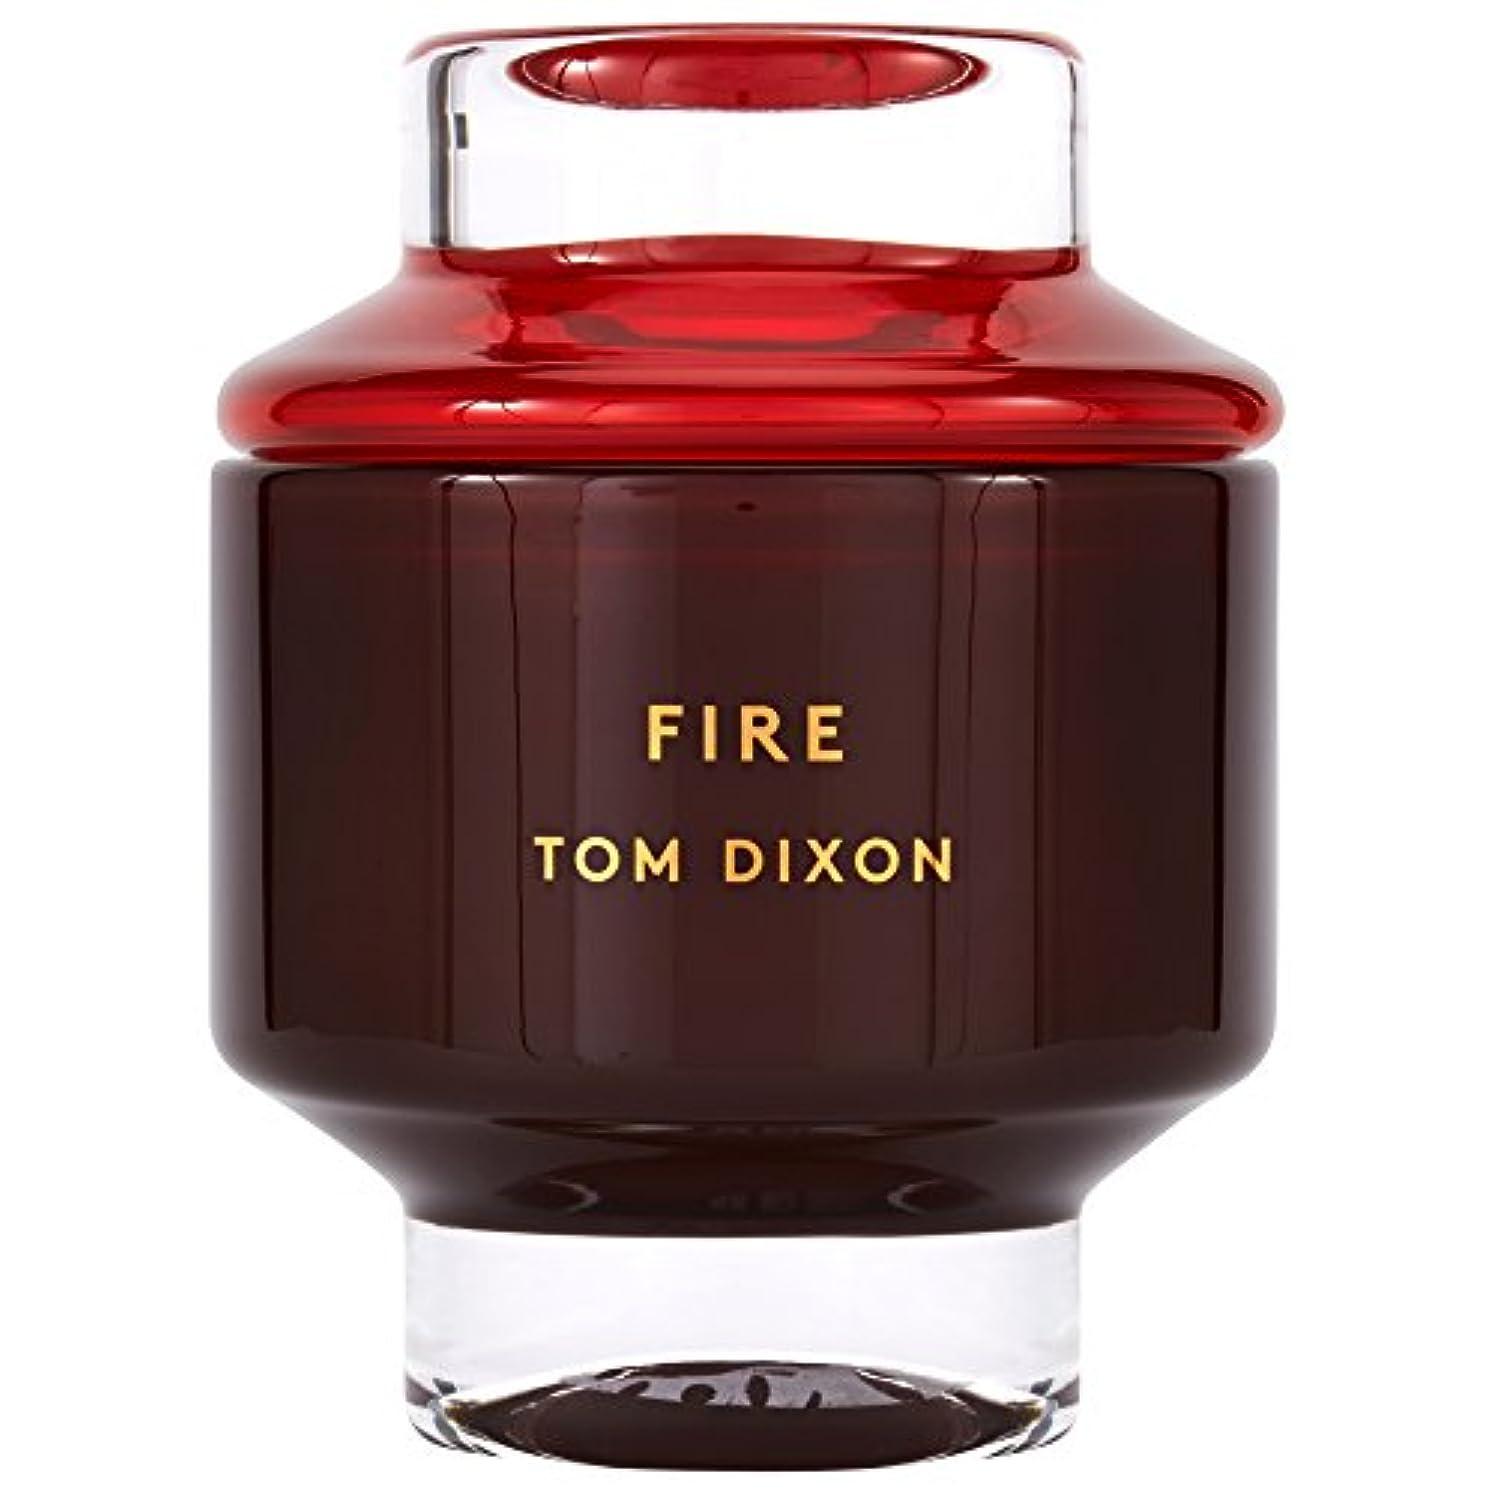 のれんワークショップ急いでTom Dixon Fire Scented Candle Large (Pack of 2) - トム?ディクソン火災大型香りのキャンドル x2 [並行輸入品]